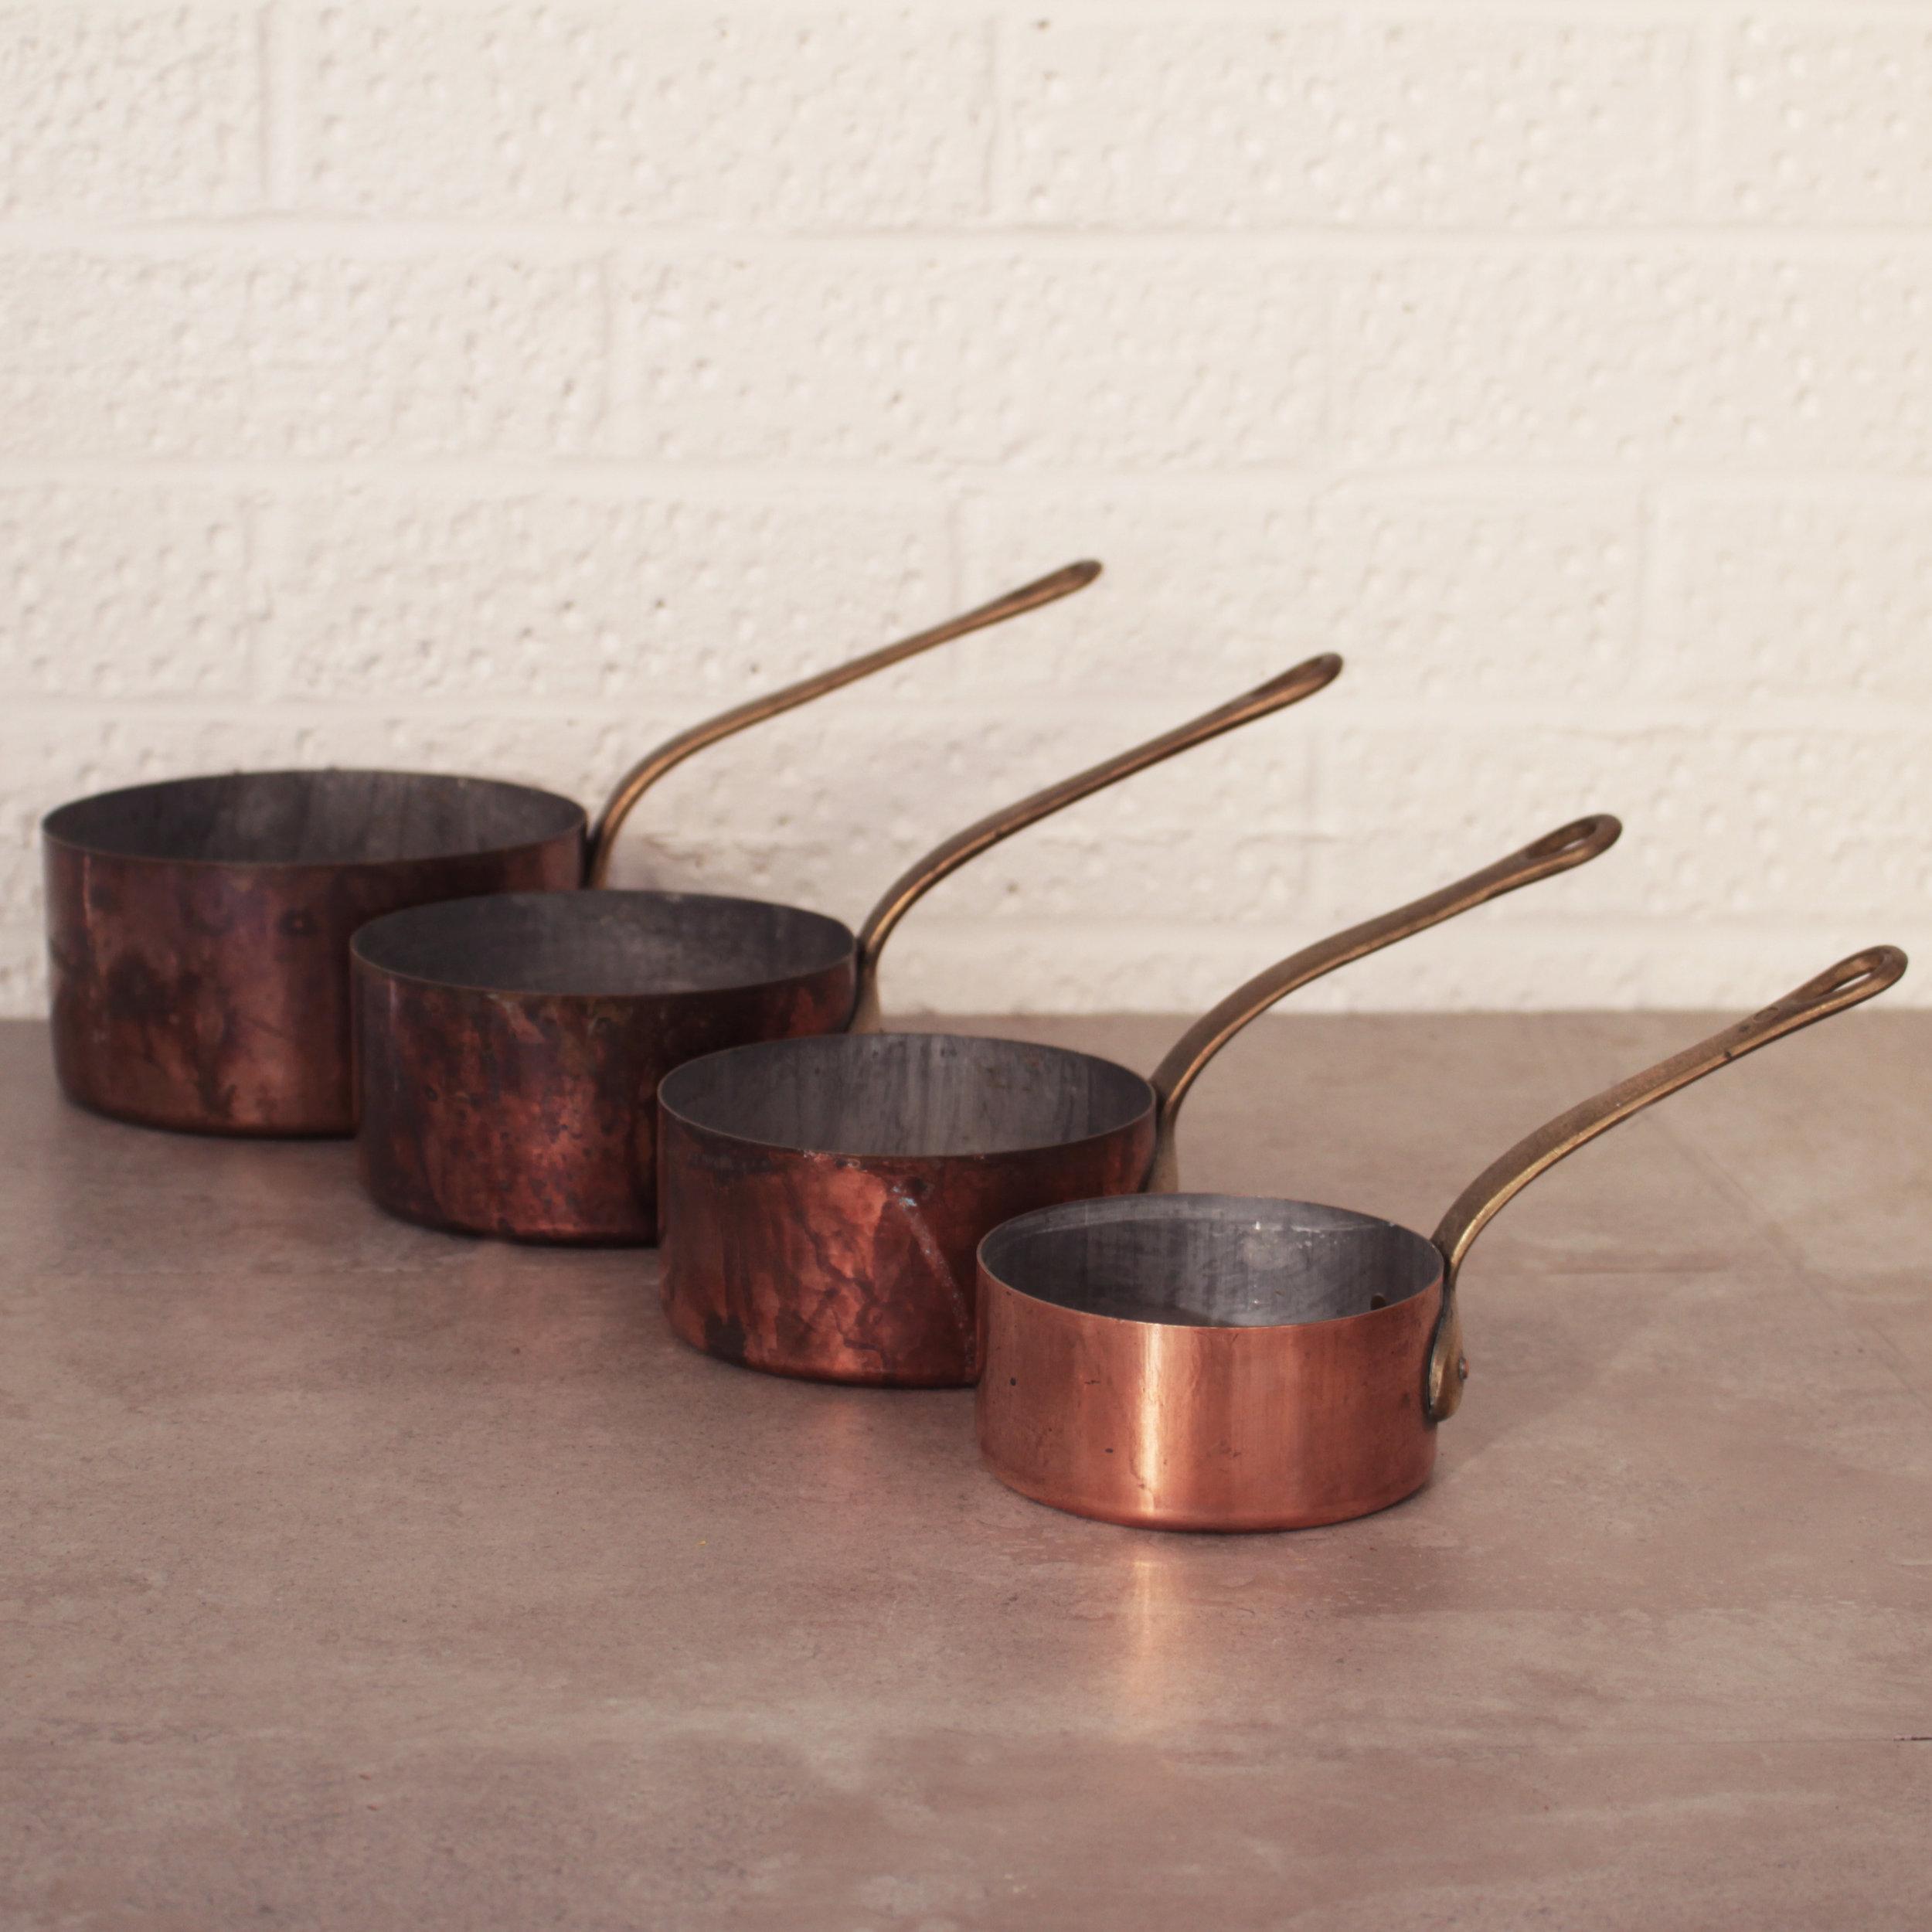 SET OF FOUR COPPER PANS £10